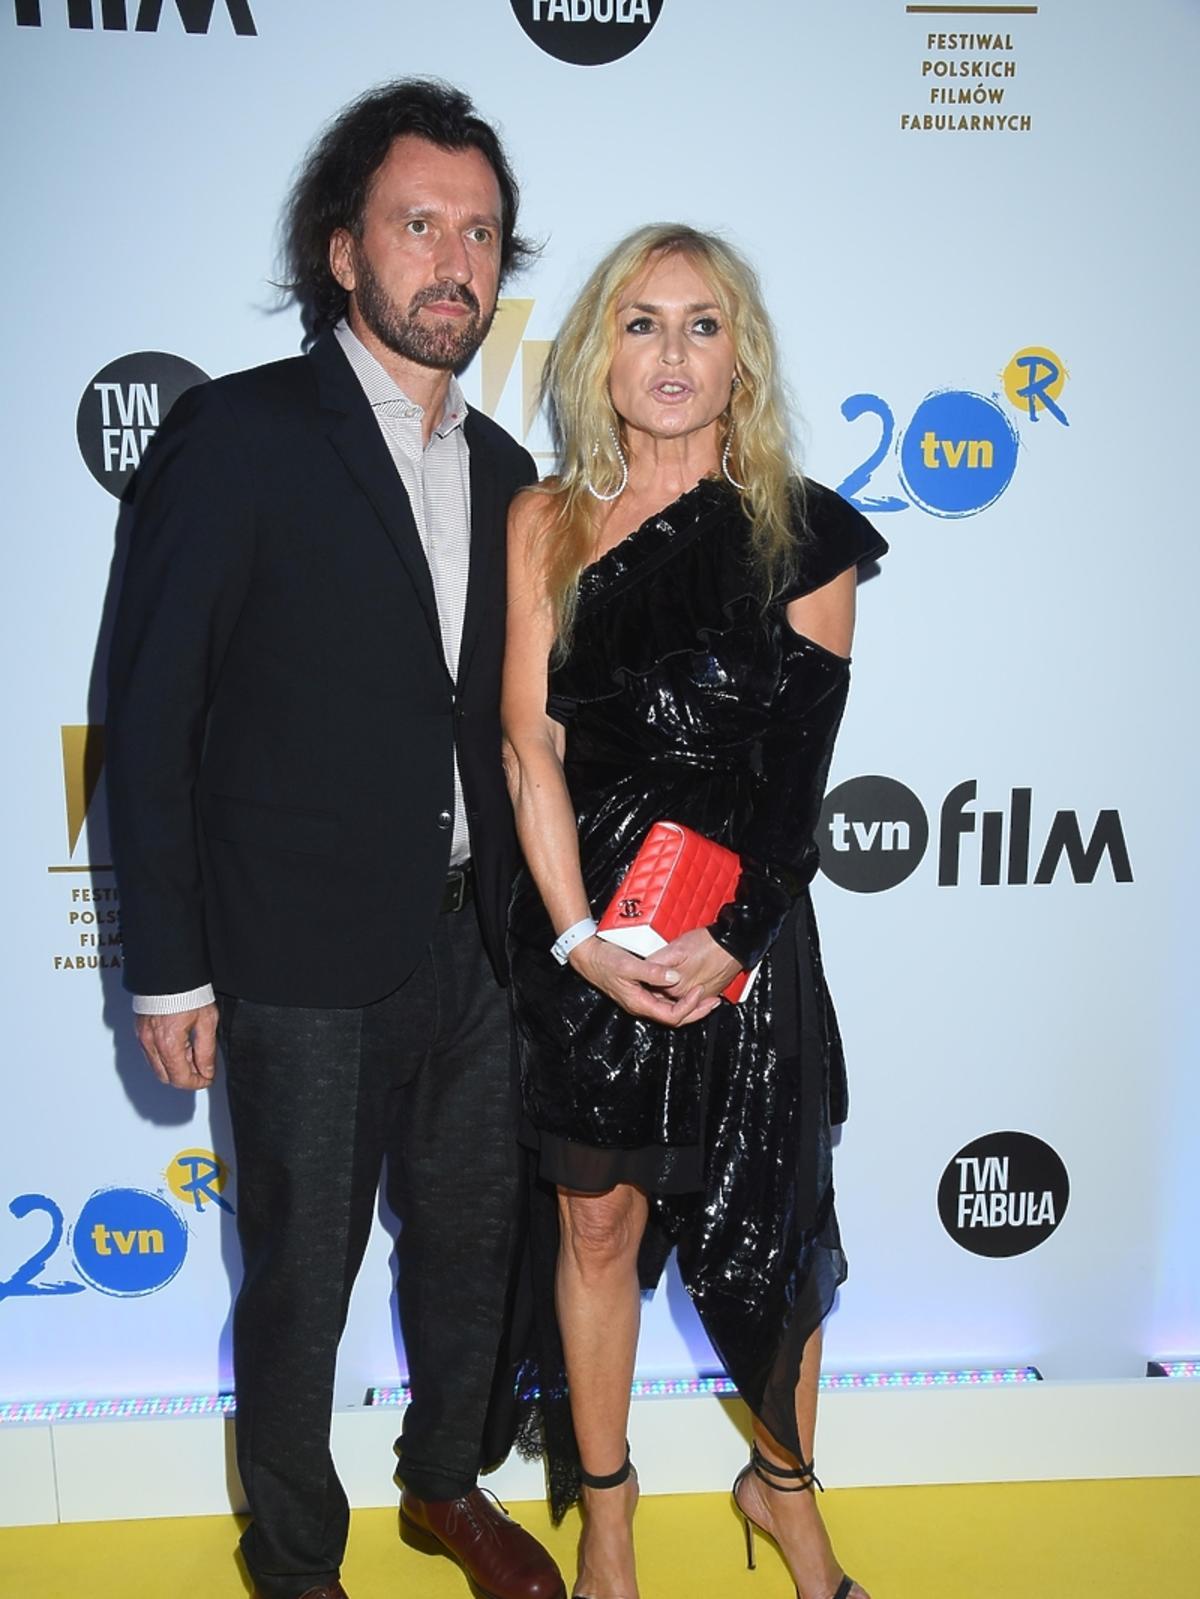 Monika Olejnik i Tomasz Ziółkowski na imprezie TVN na Festiwalu Filmowym w Gdyni